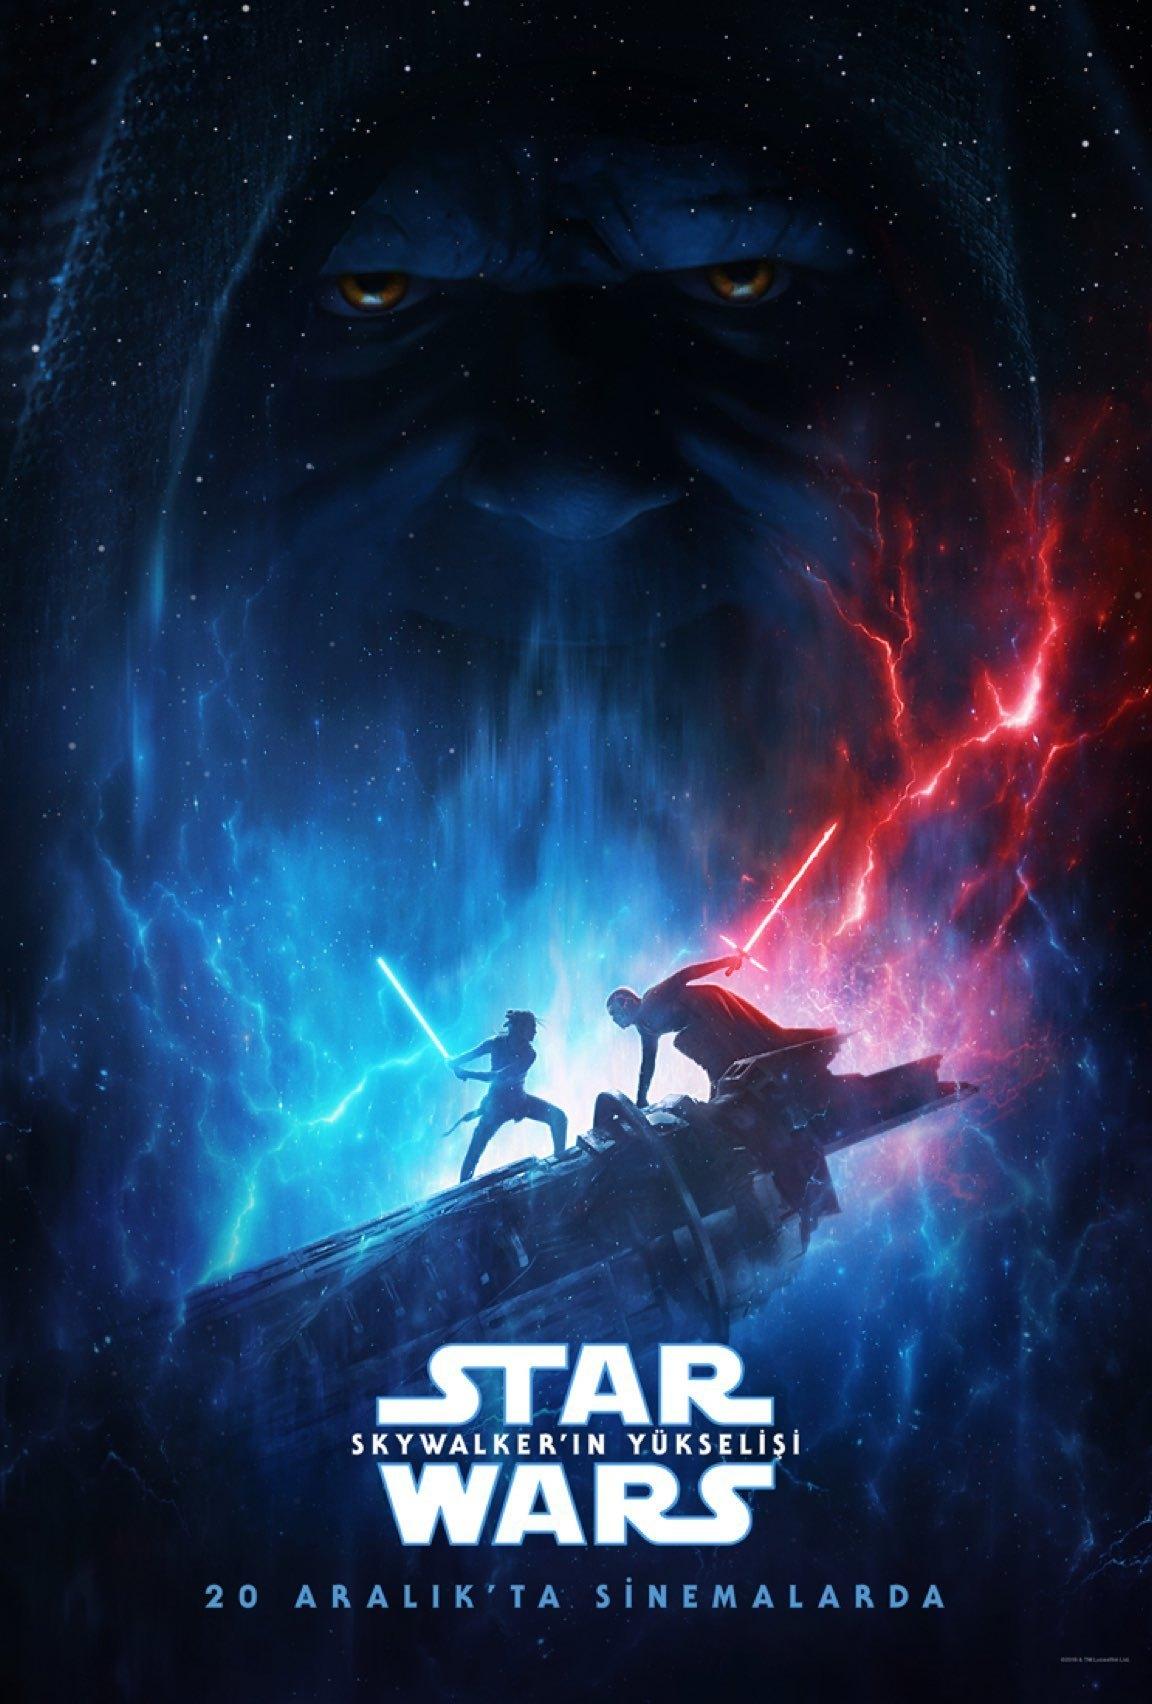 """""""Posterde Rey ve Kylo Ren ışın kılıçlarıyla dövüşüyor ve arka fonda İmparator Palpatine'in yüzü görünüyor """""""